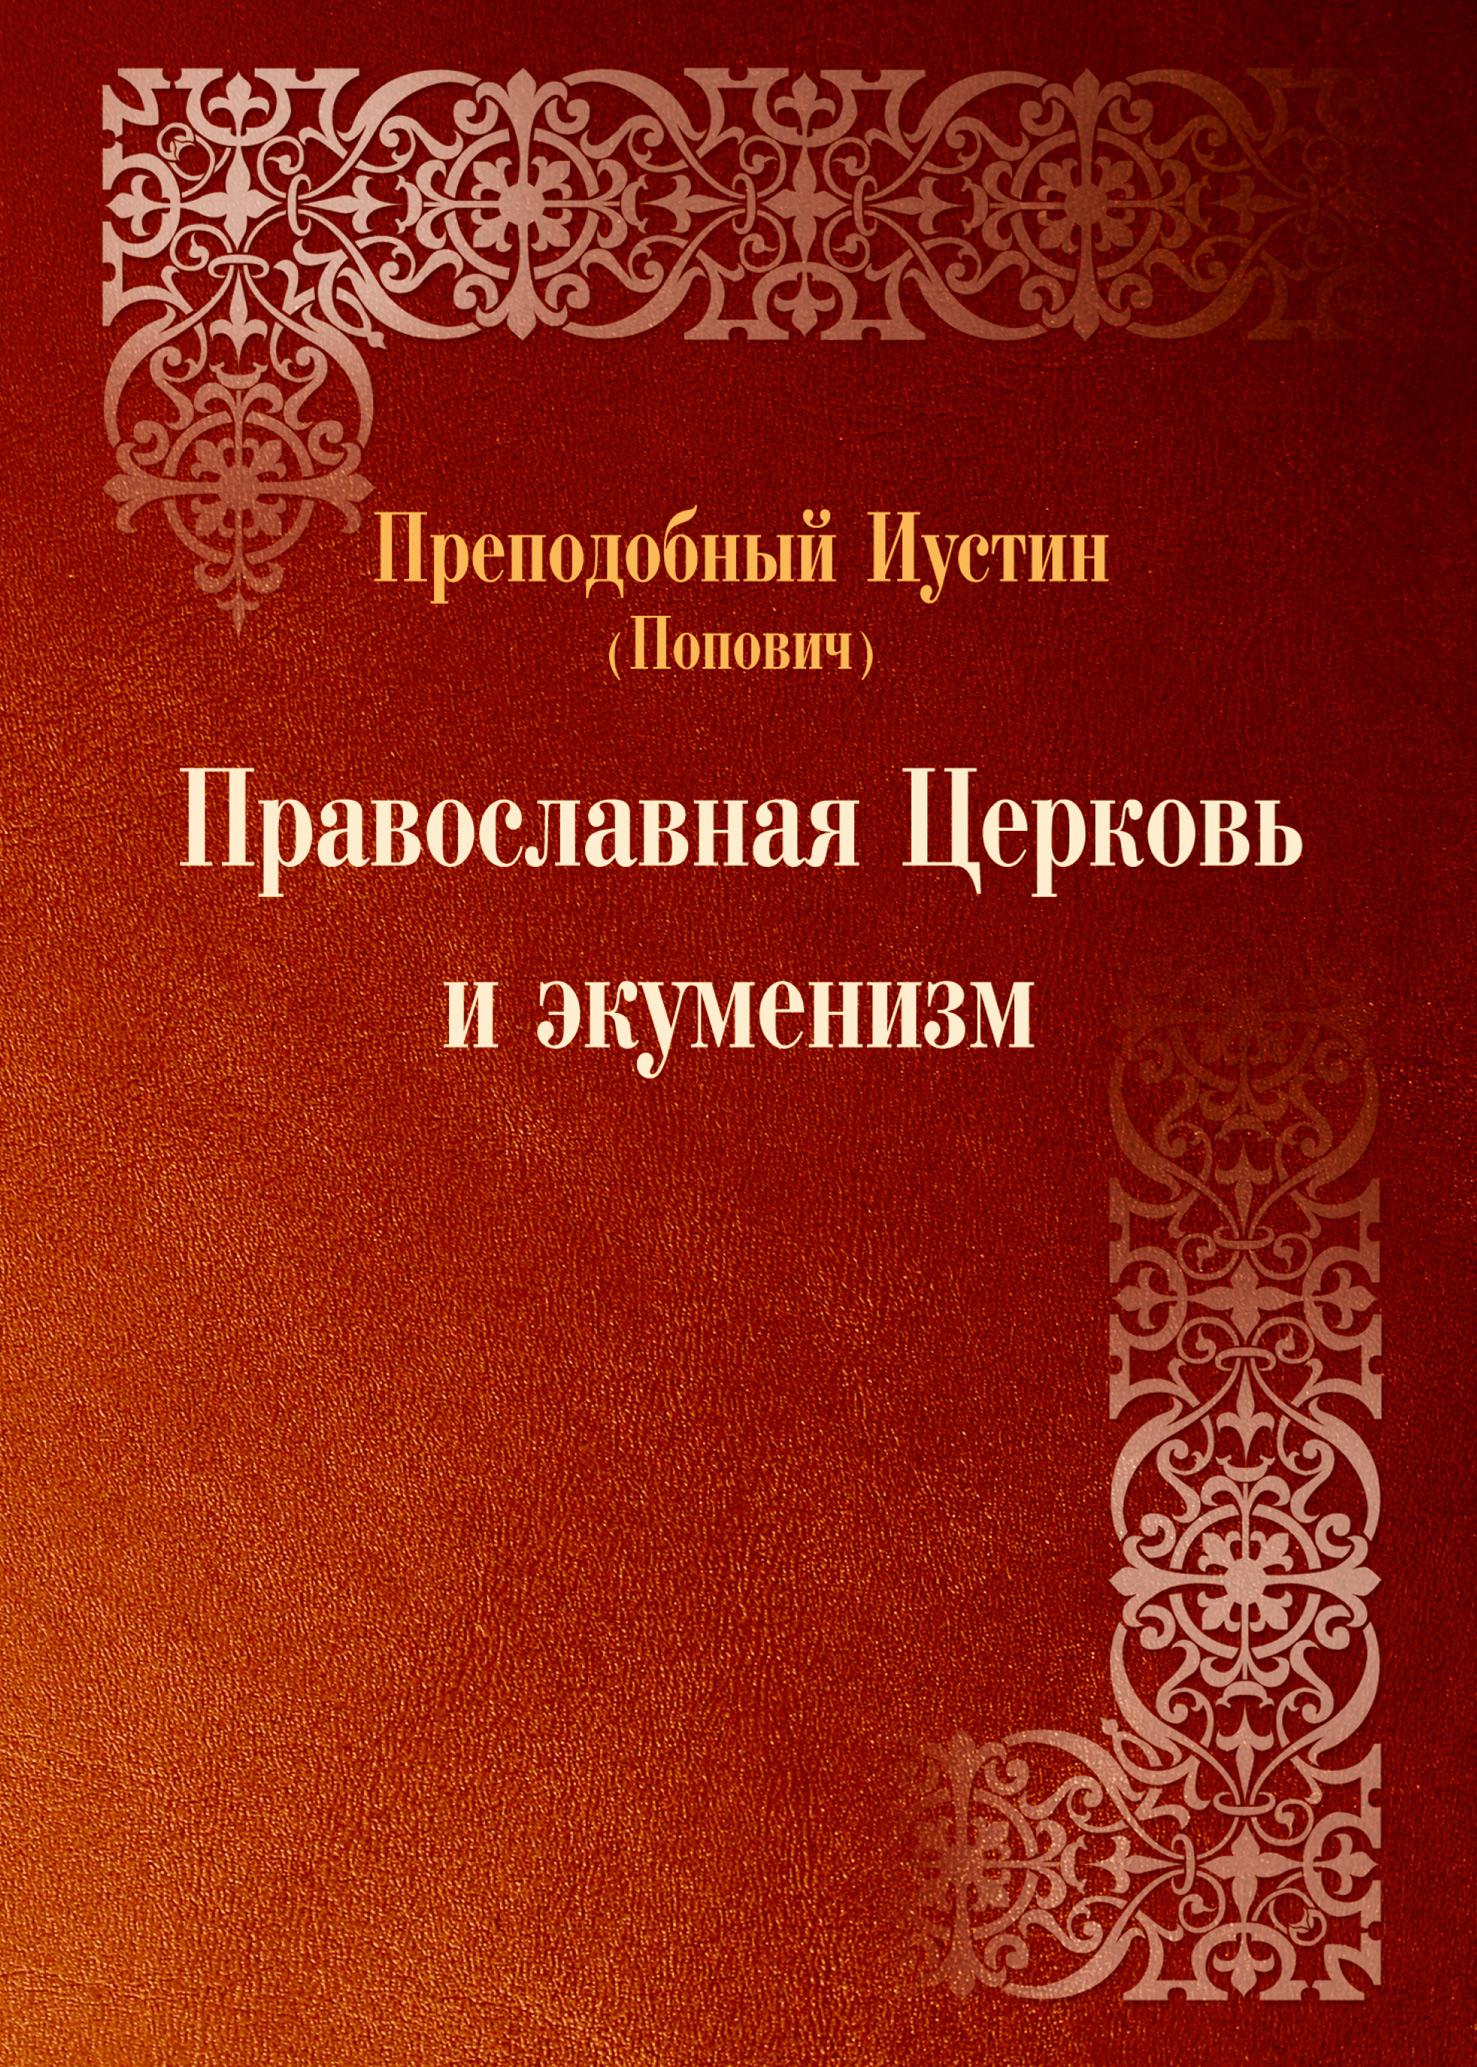 преподобный Иустин (Попович) Православная Церковь и экуменизм